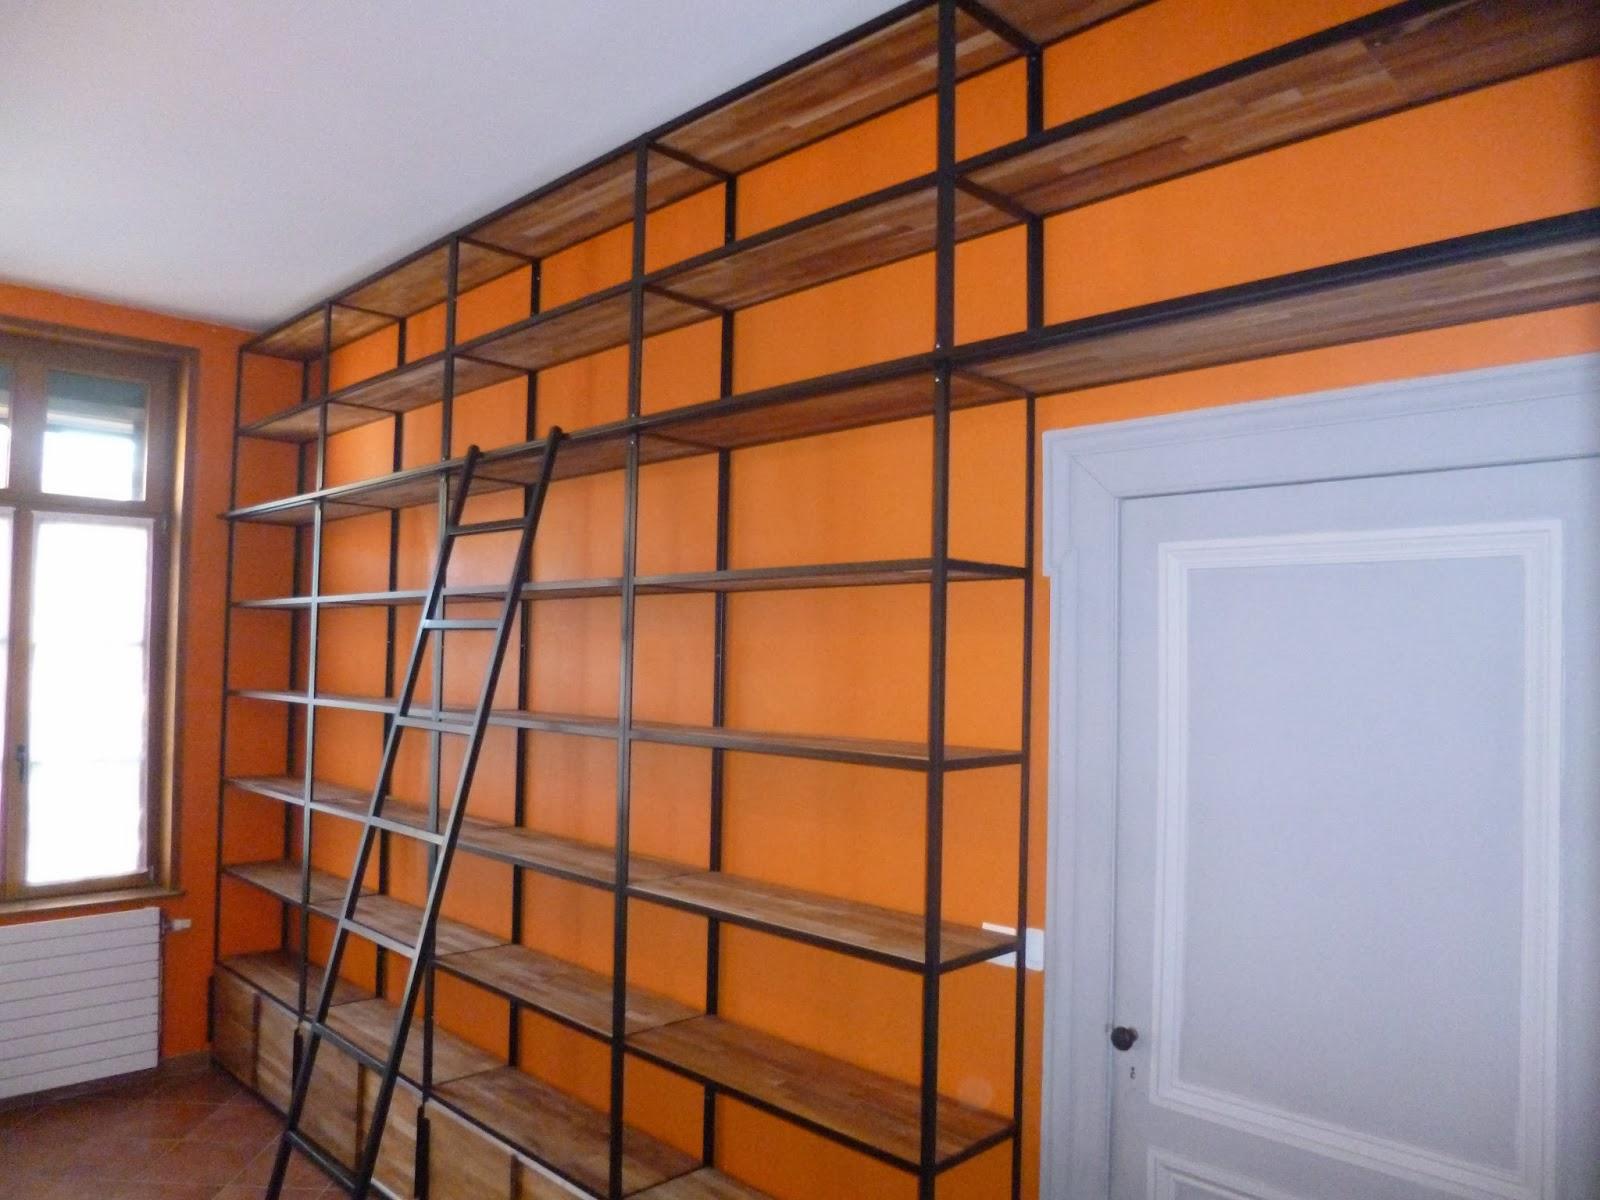 Blog de la maison de l 39 imaginarium l 39 ambiance factory - Meuble bibliotheque grande hauteur ...